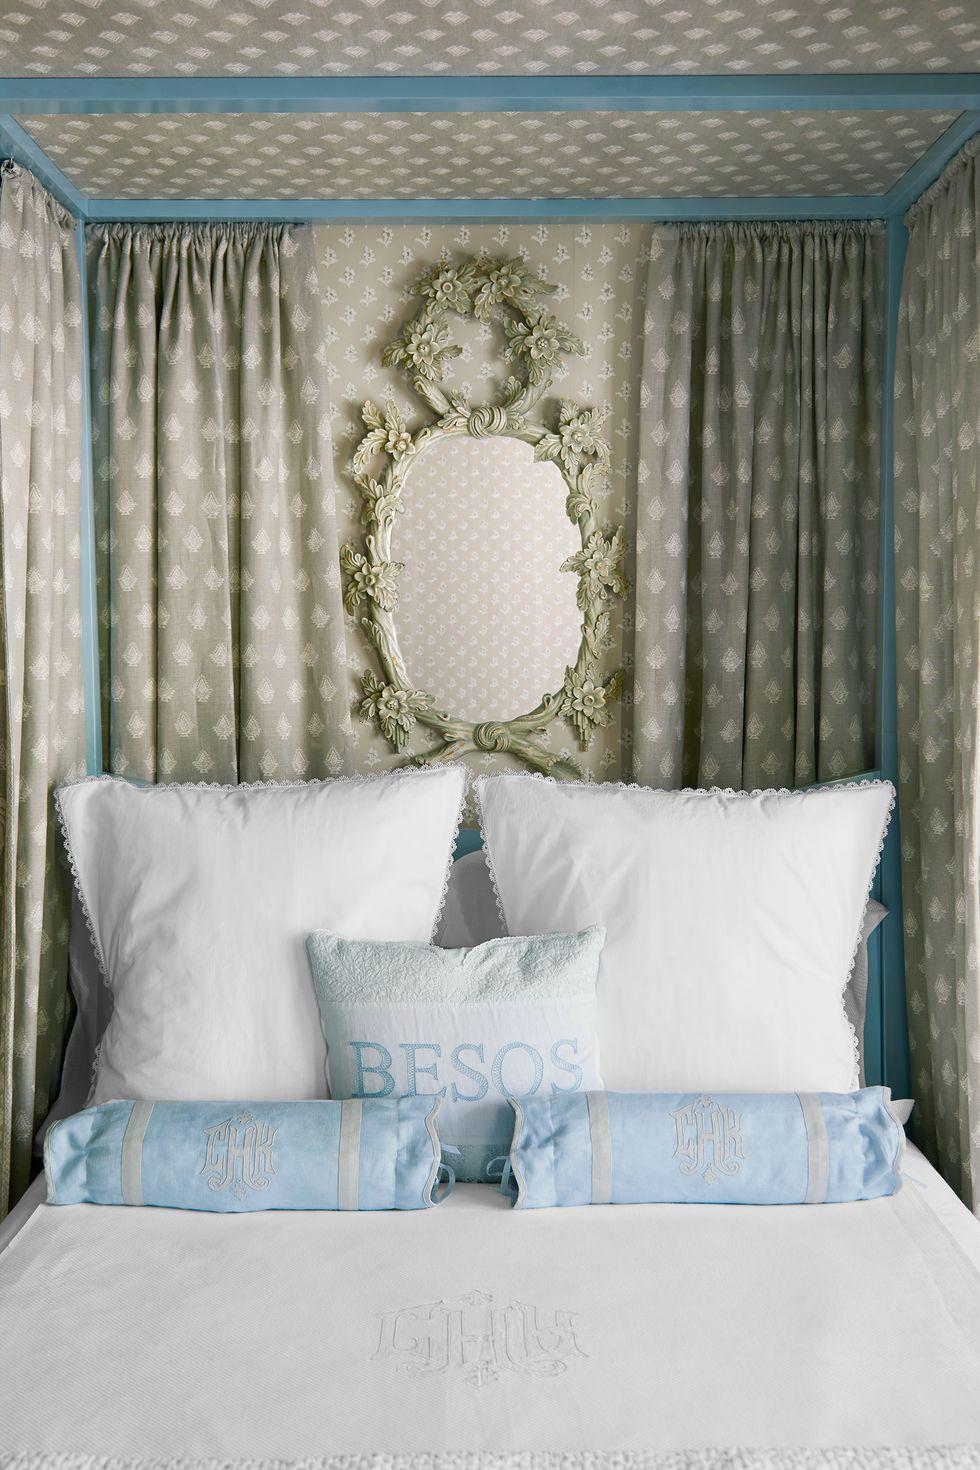 Đối với người mới bắt đầu trang trí với màu xanh lam trong phòng ngủ, hãy giữ mọi thứ ở mức trung tính và sau đó chọn những điểm nhấn màu xanh dịu nhẹ, như gối